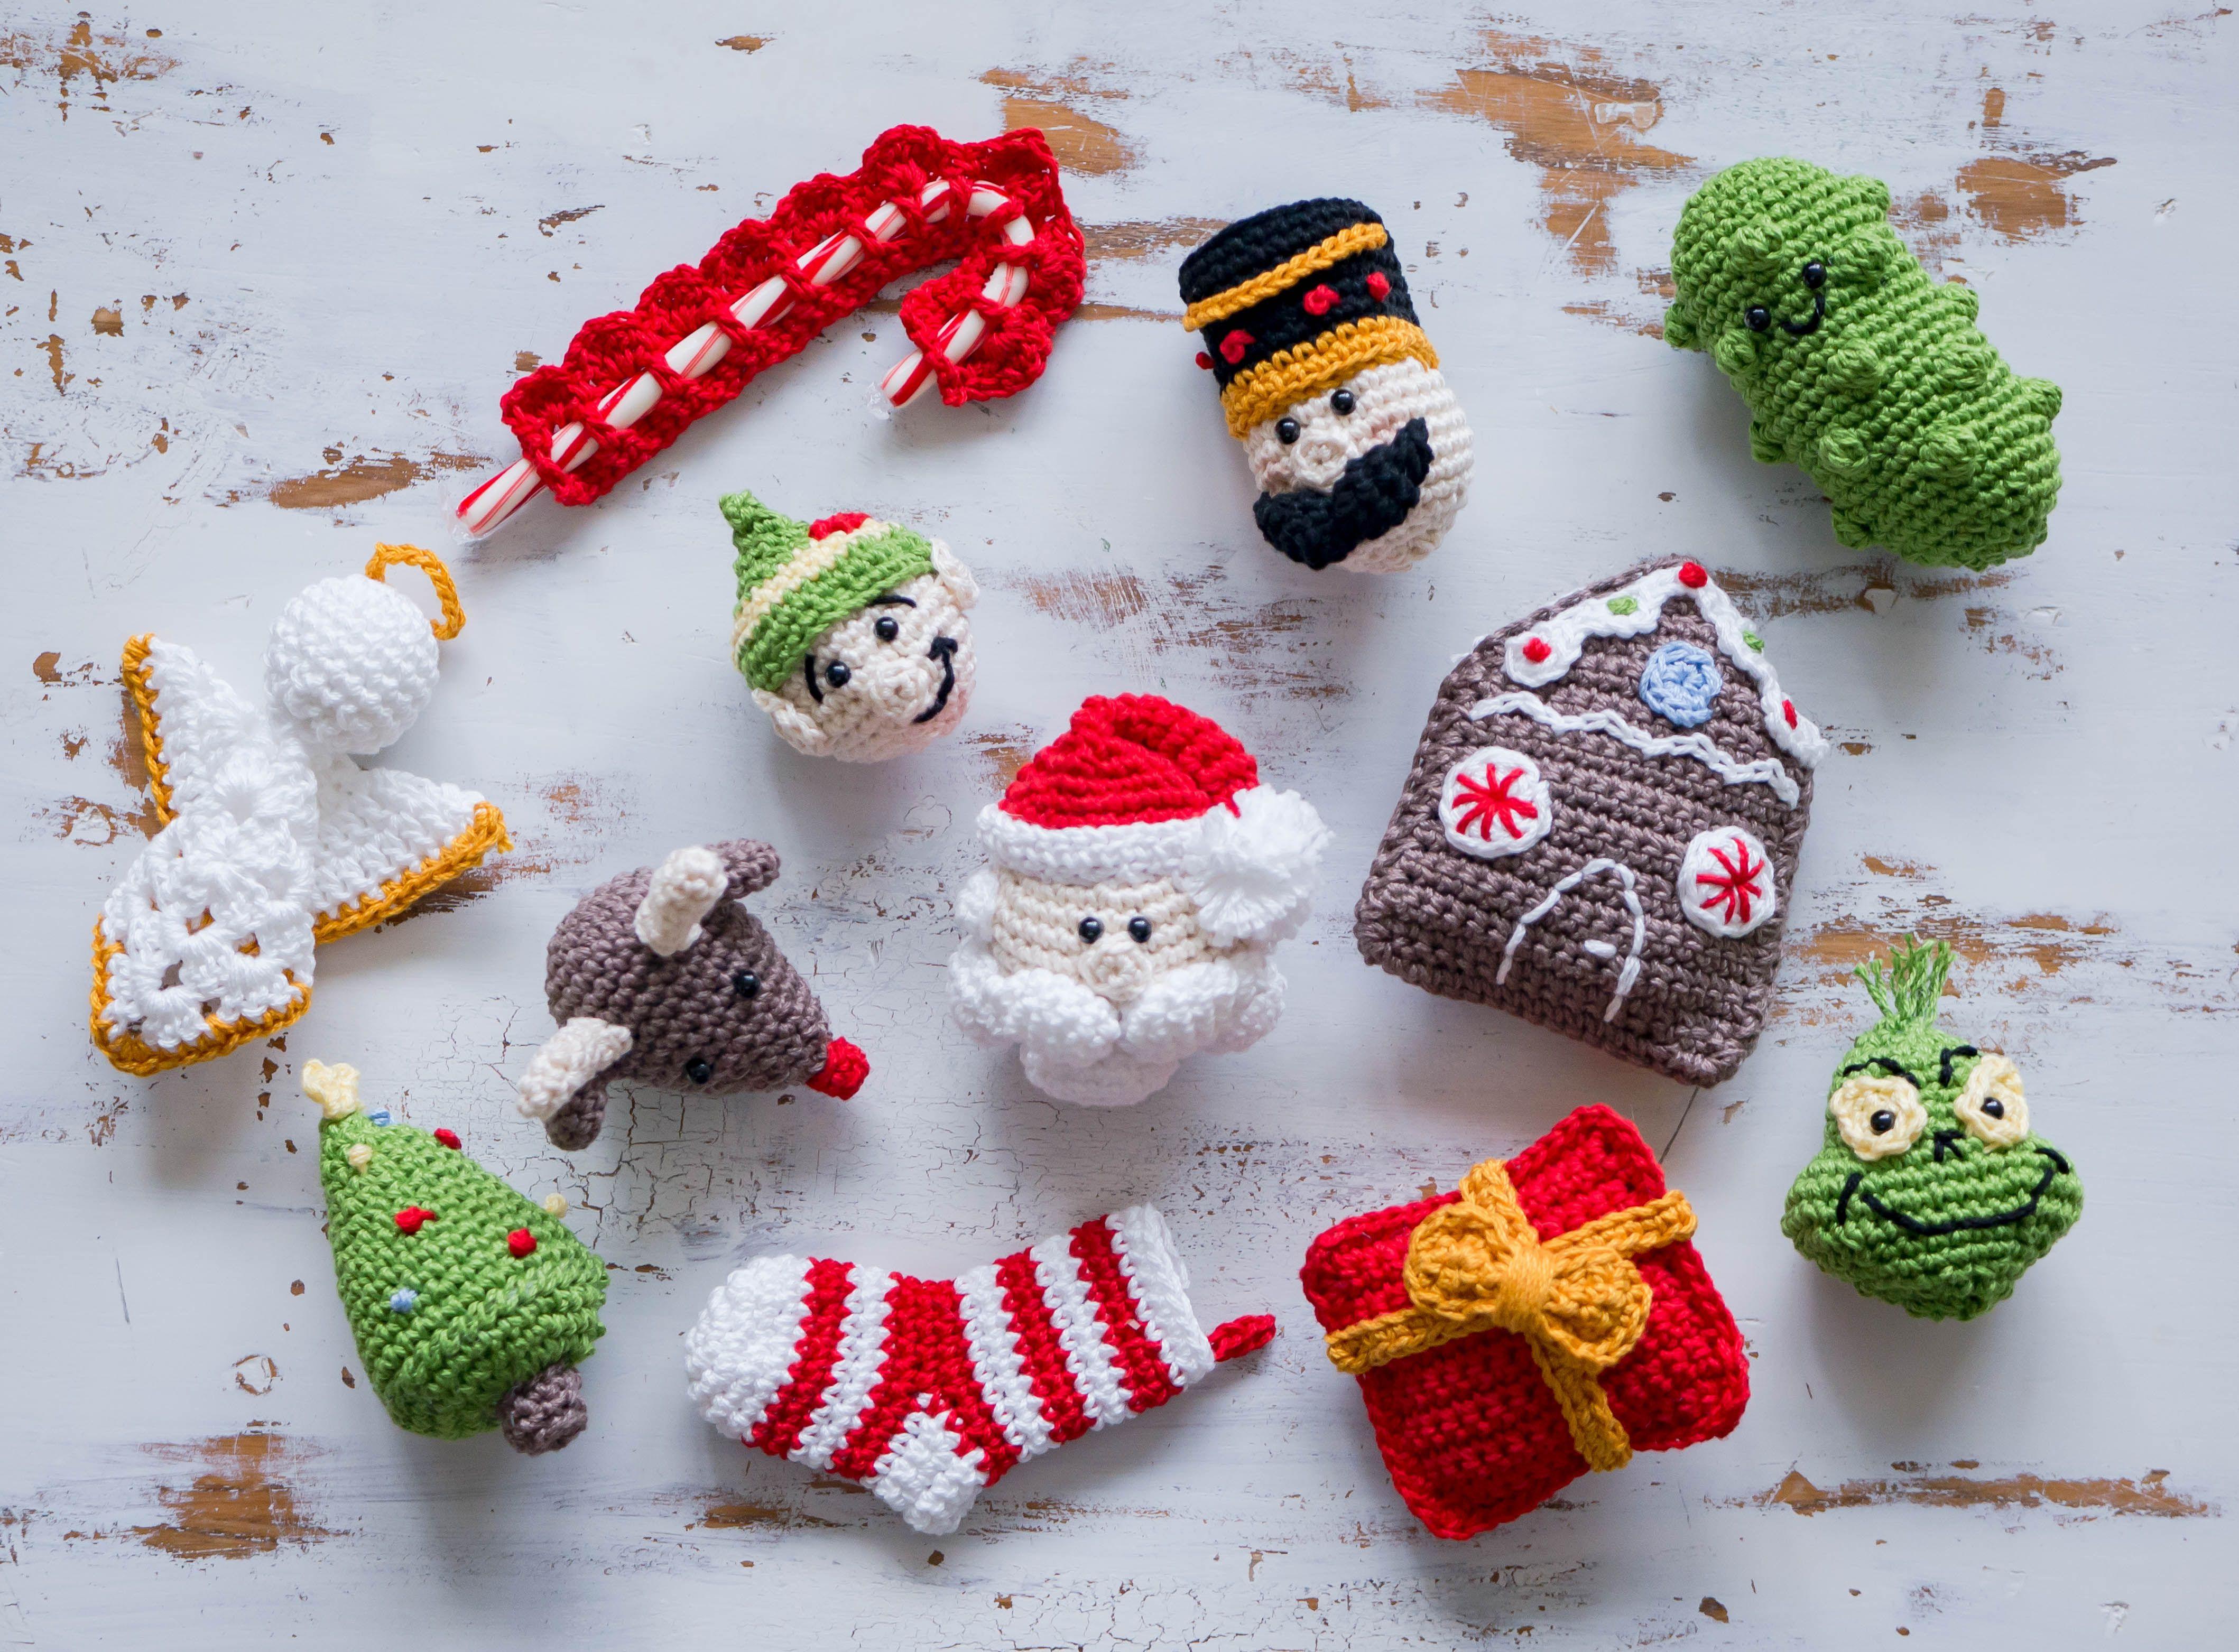 Crochet Present Christmas Ornament | Weihnachtsfiguren, Wichtel und ...